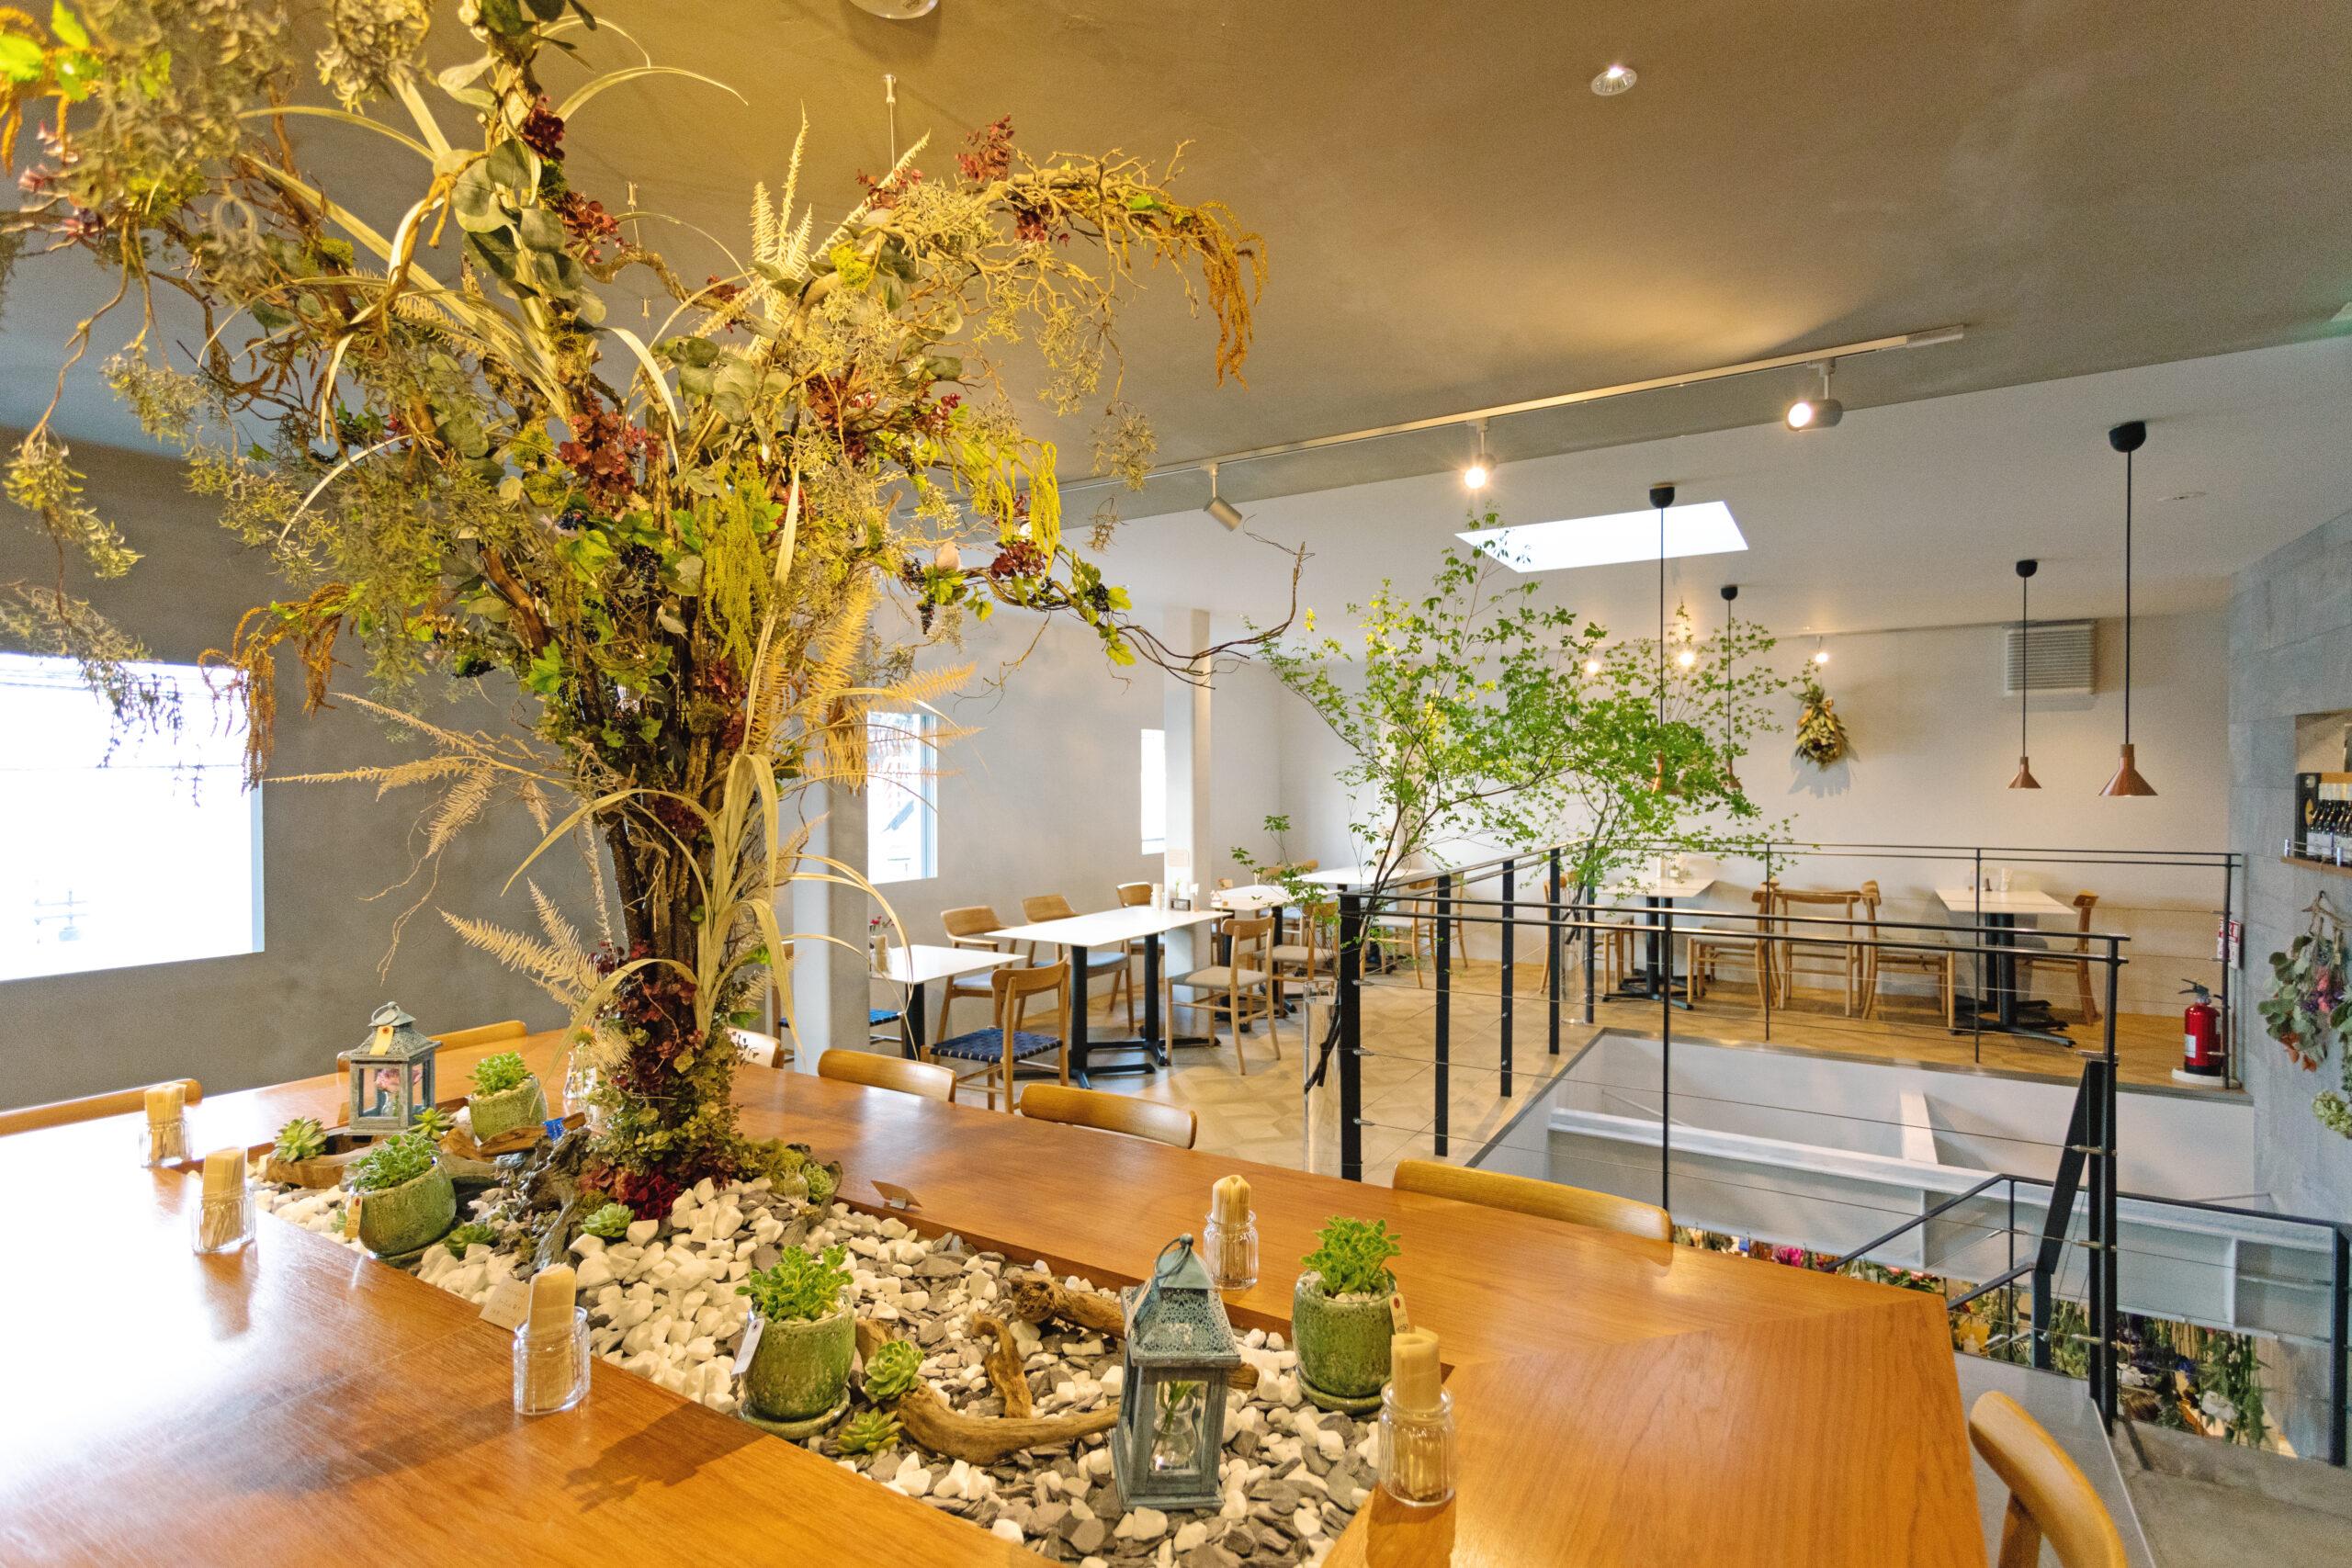 花Lab.Nocturne自社のハナラボの草花を生かした緑あふれるカフェの店内